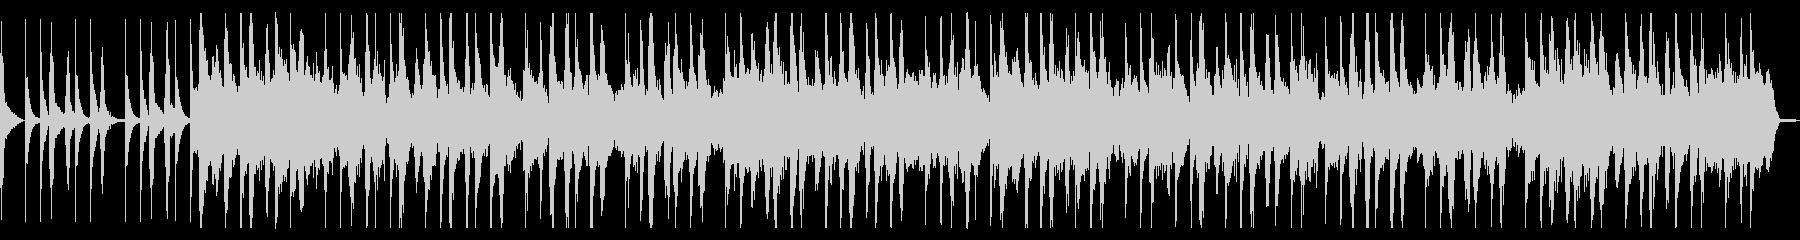 マリンバとオルガンのほのぼのとした楽曲の未再生の波形